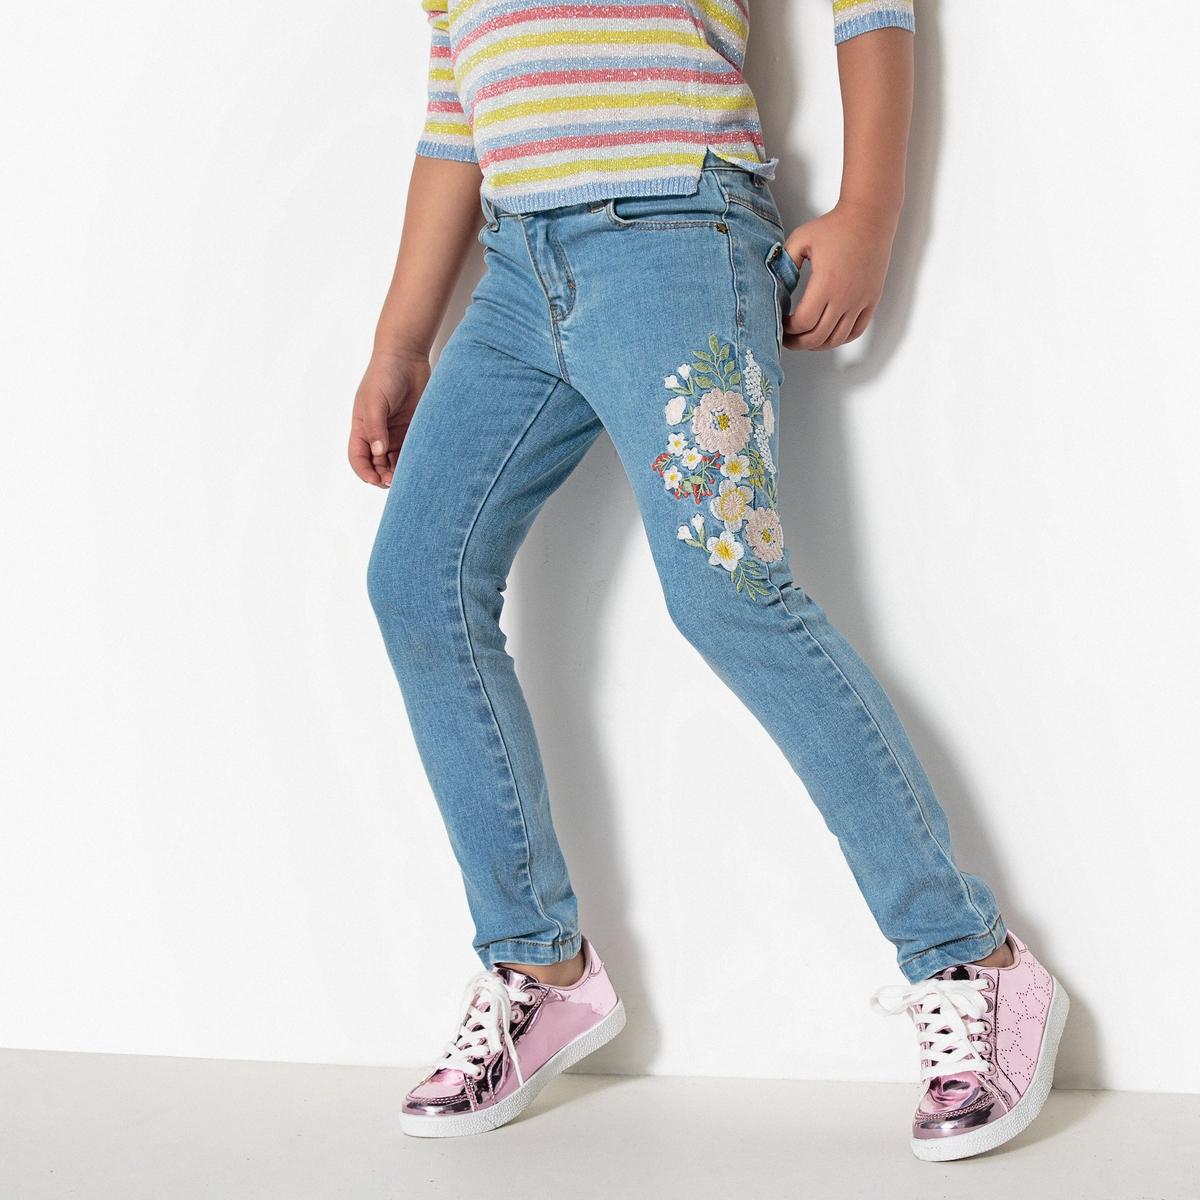 Джинсы узкие с вышивкой 3-12 лет пуловер с вышивкой petite cherry 3 12 лет